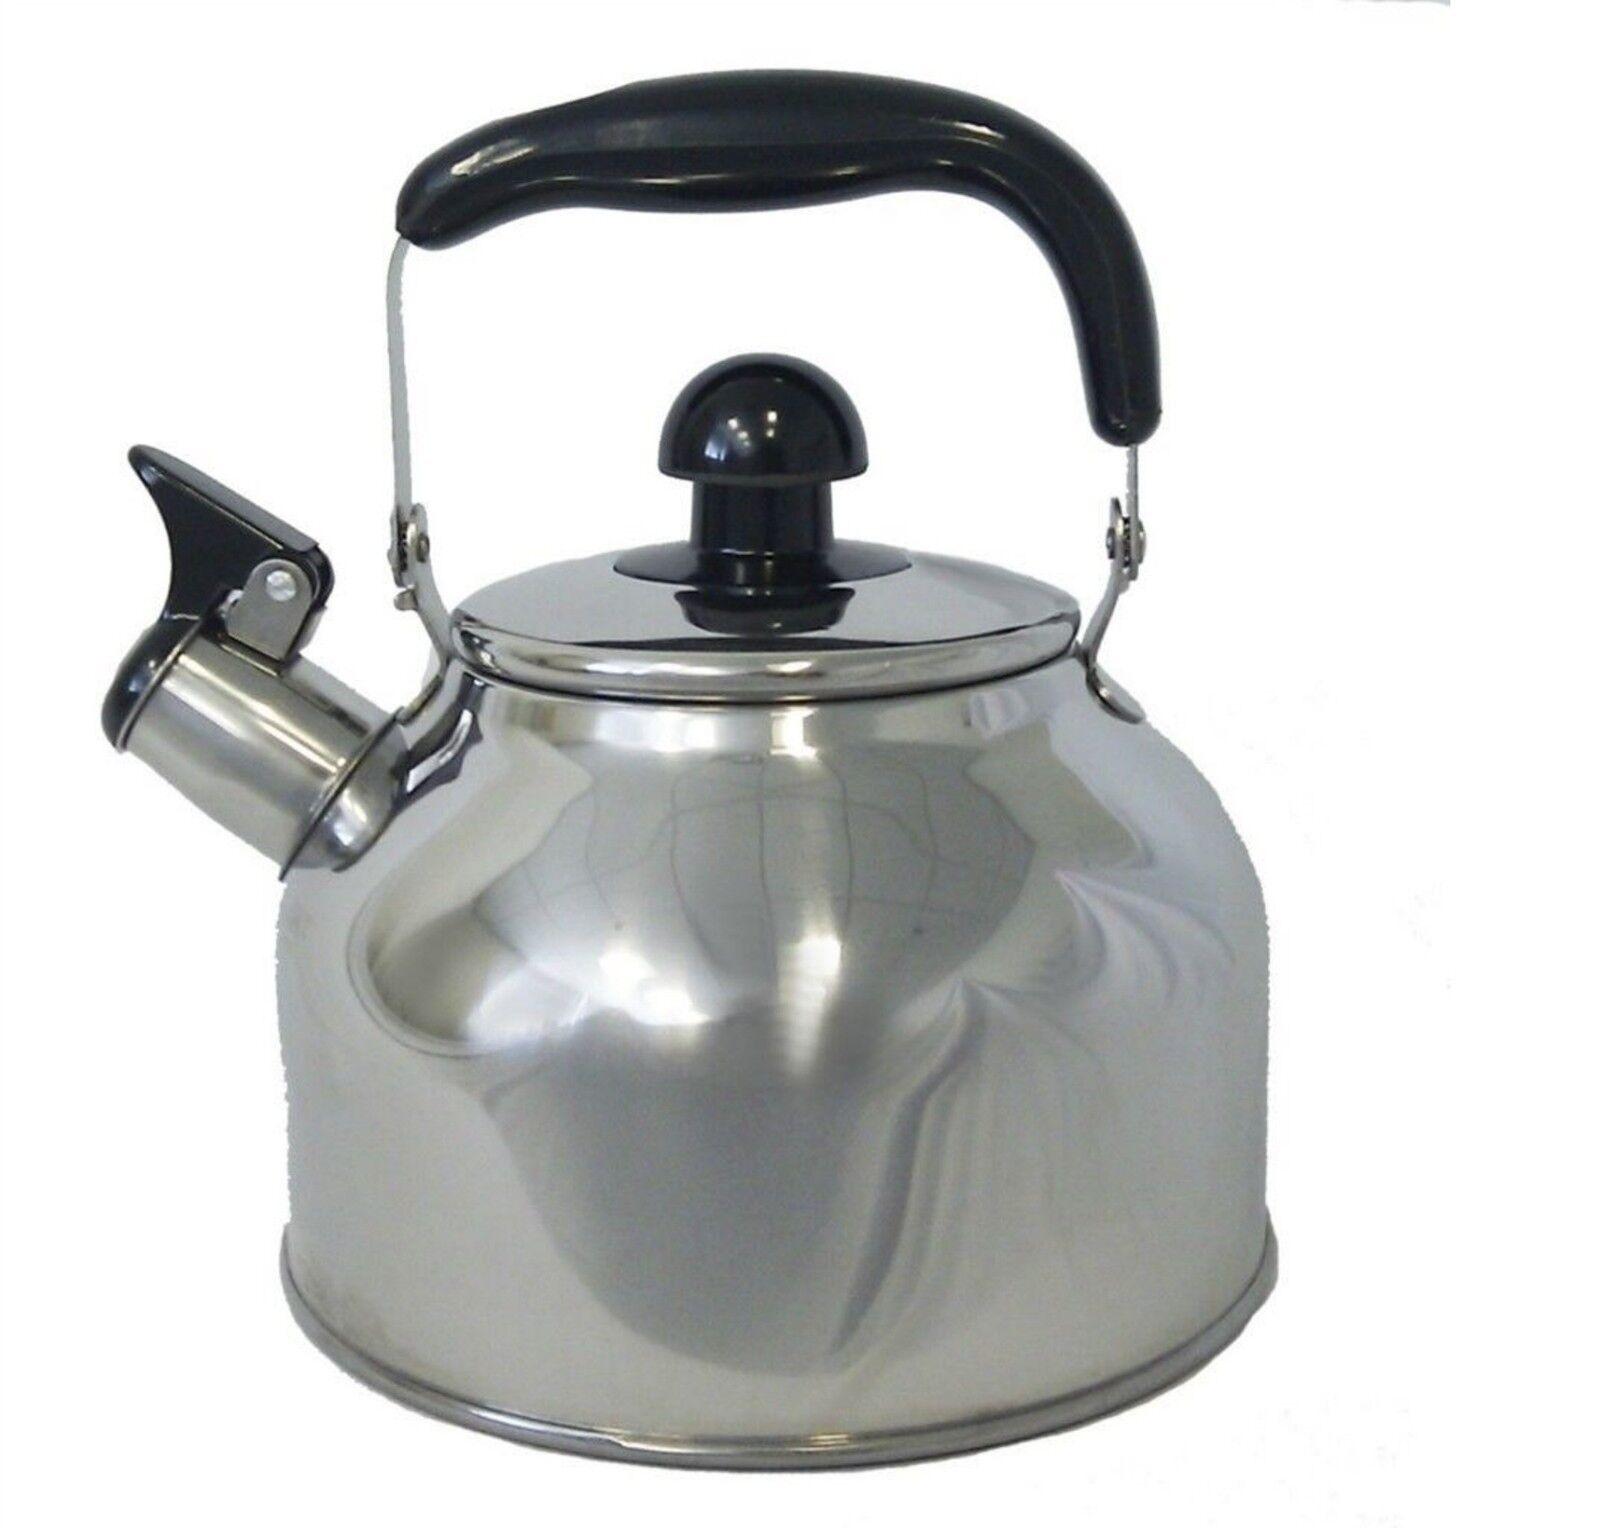 stainless steel large 4 5 liter quart whistling tea kettle pot infuser wk1922 ebay. Black Bedroom Furniture Sets. Home Design Ideas